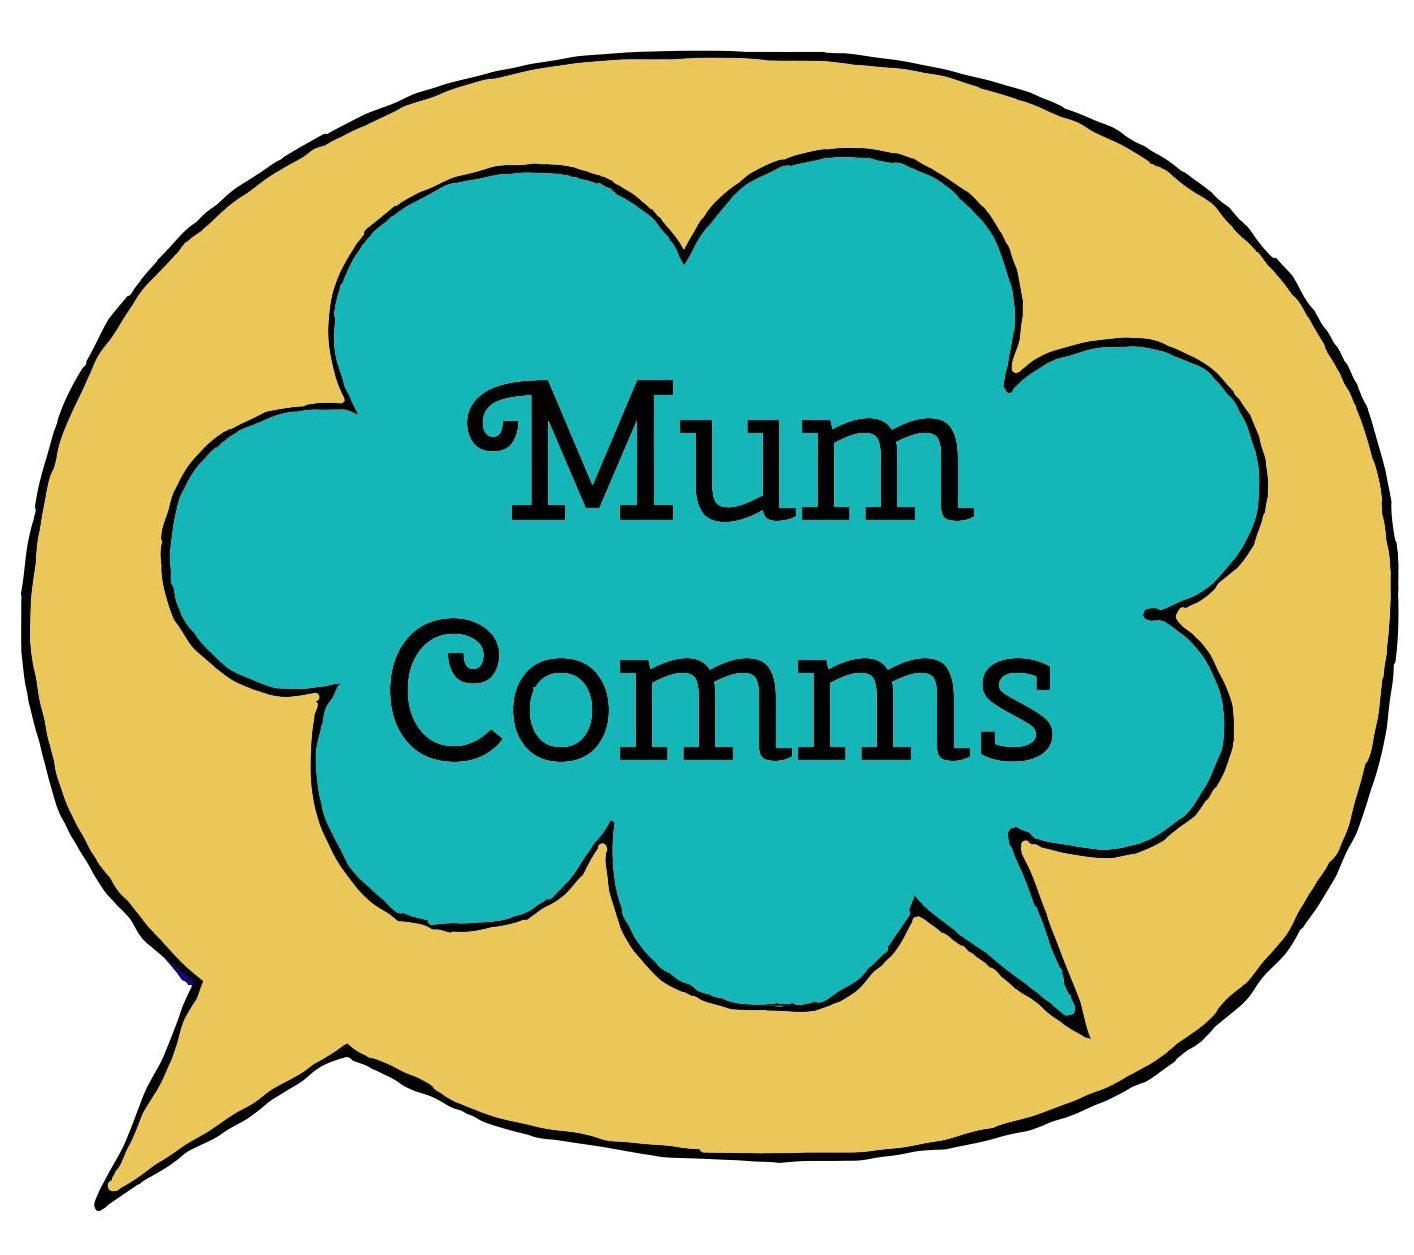 Mum Comms